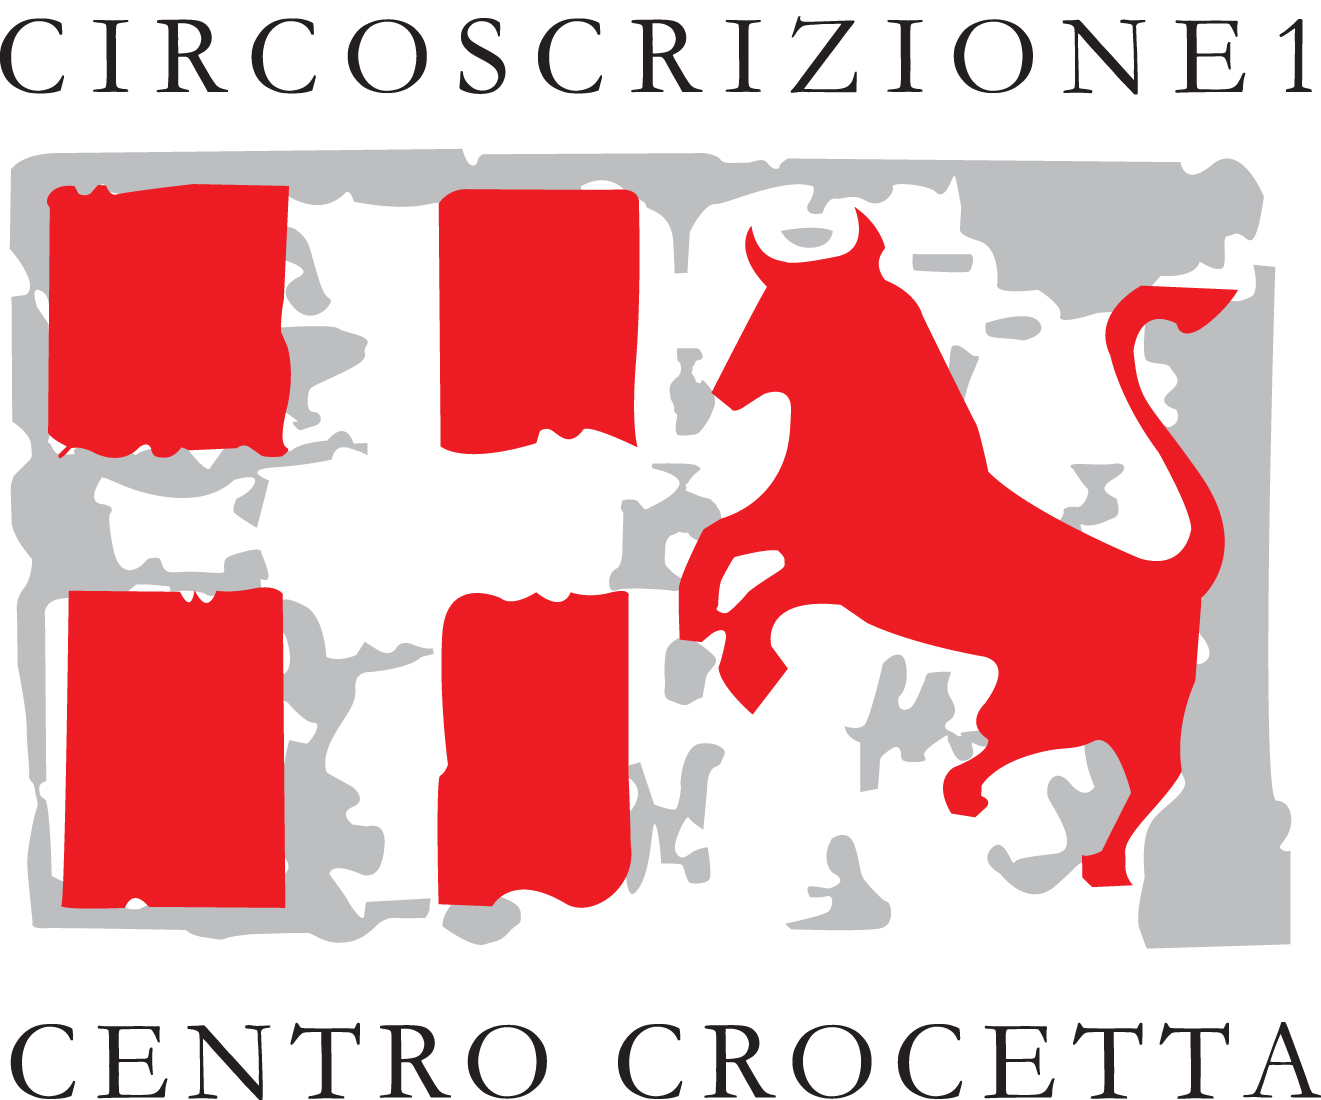 Logo circoscrizione 1